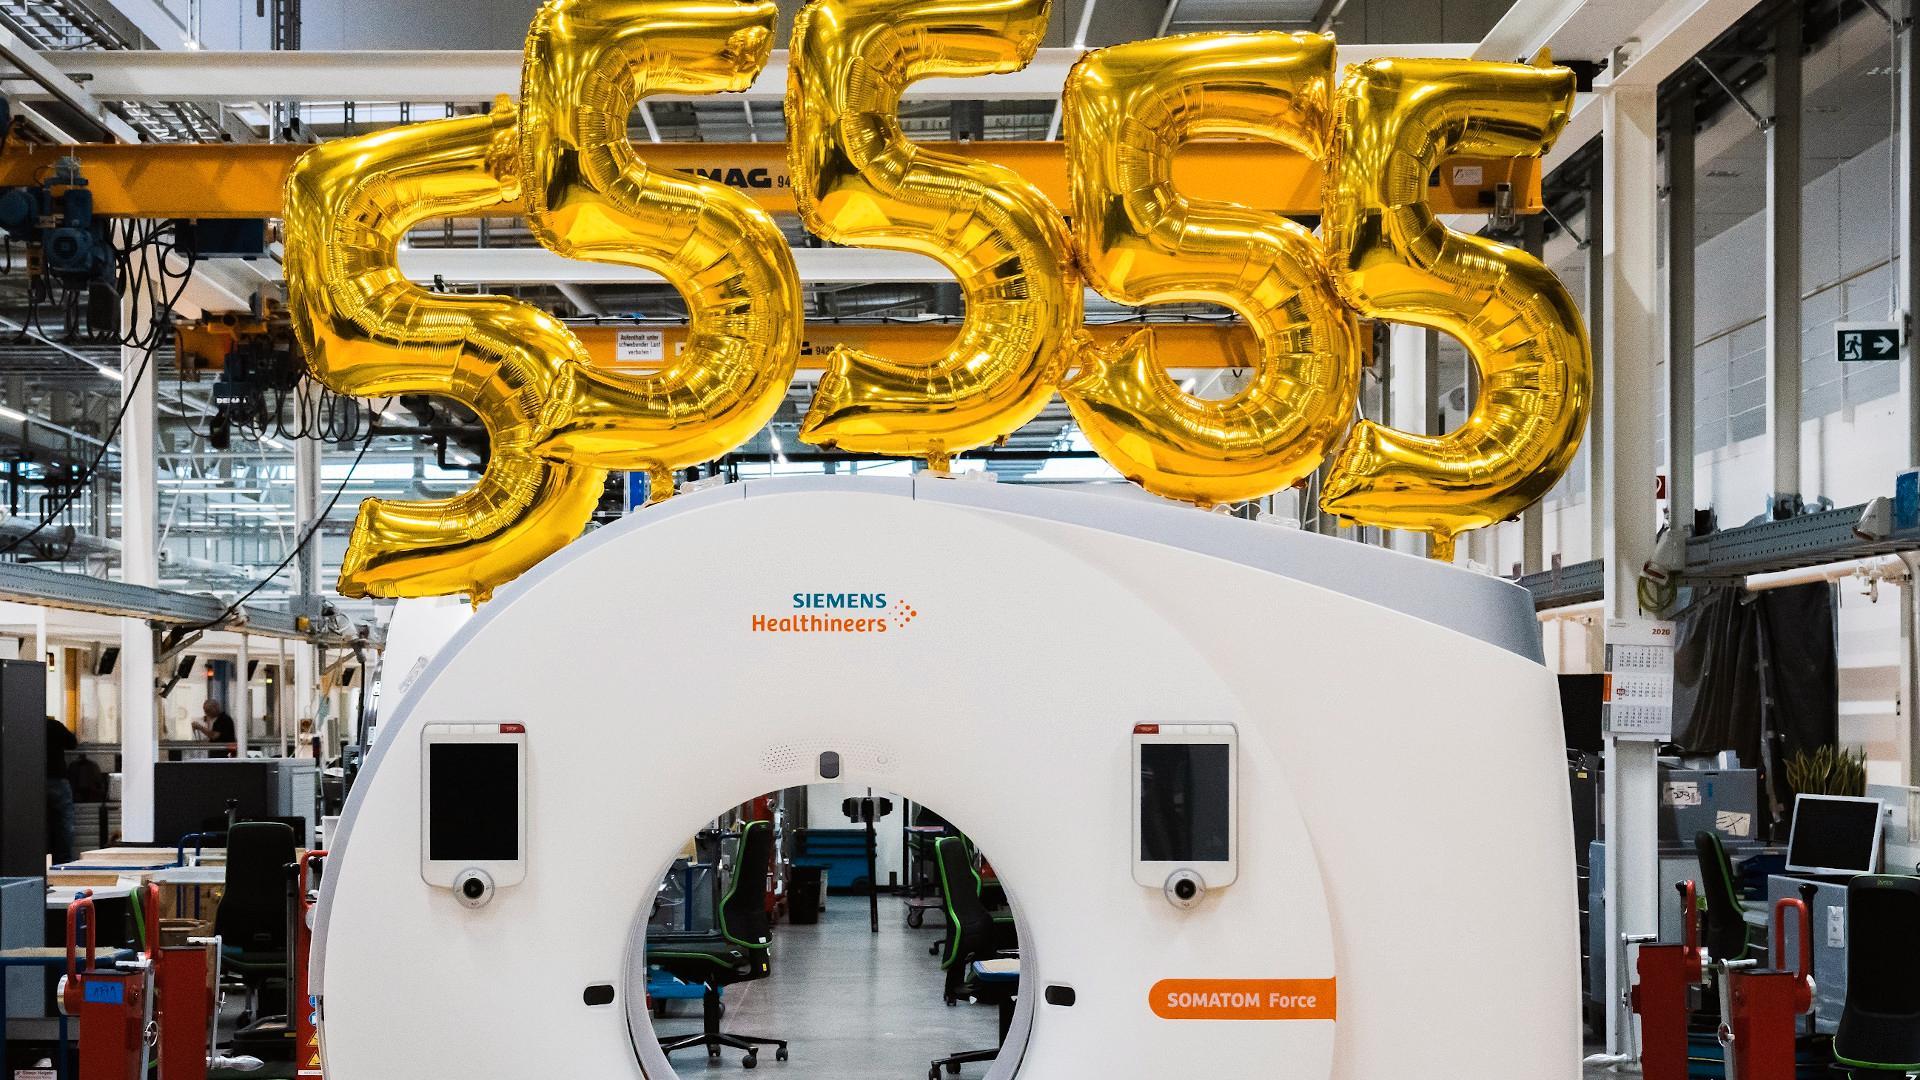 Computertomograph Siemens healthineers